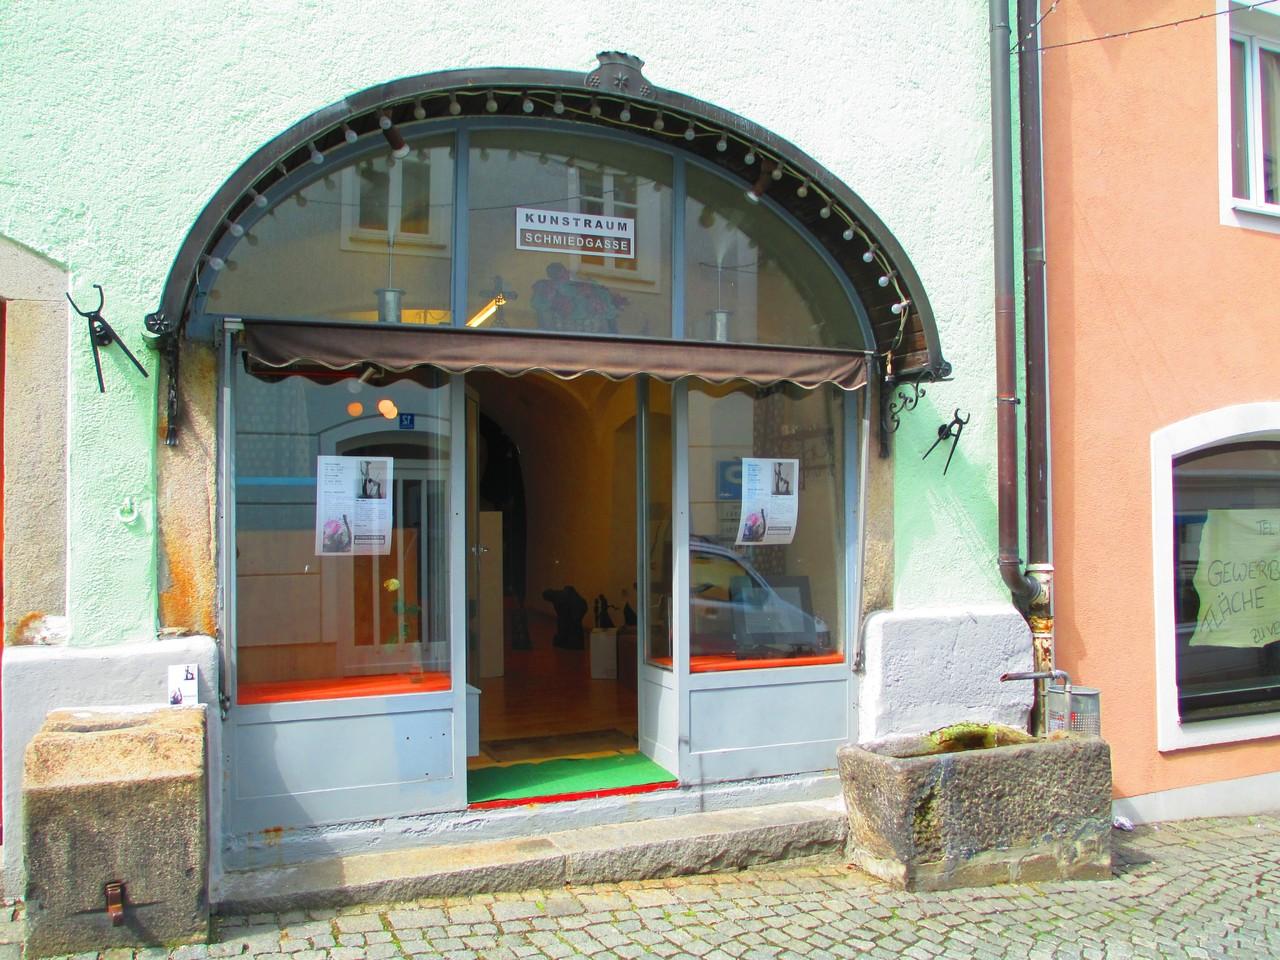 Kunstraum Schmiedgasse, Waldkirchen, 2013